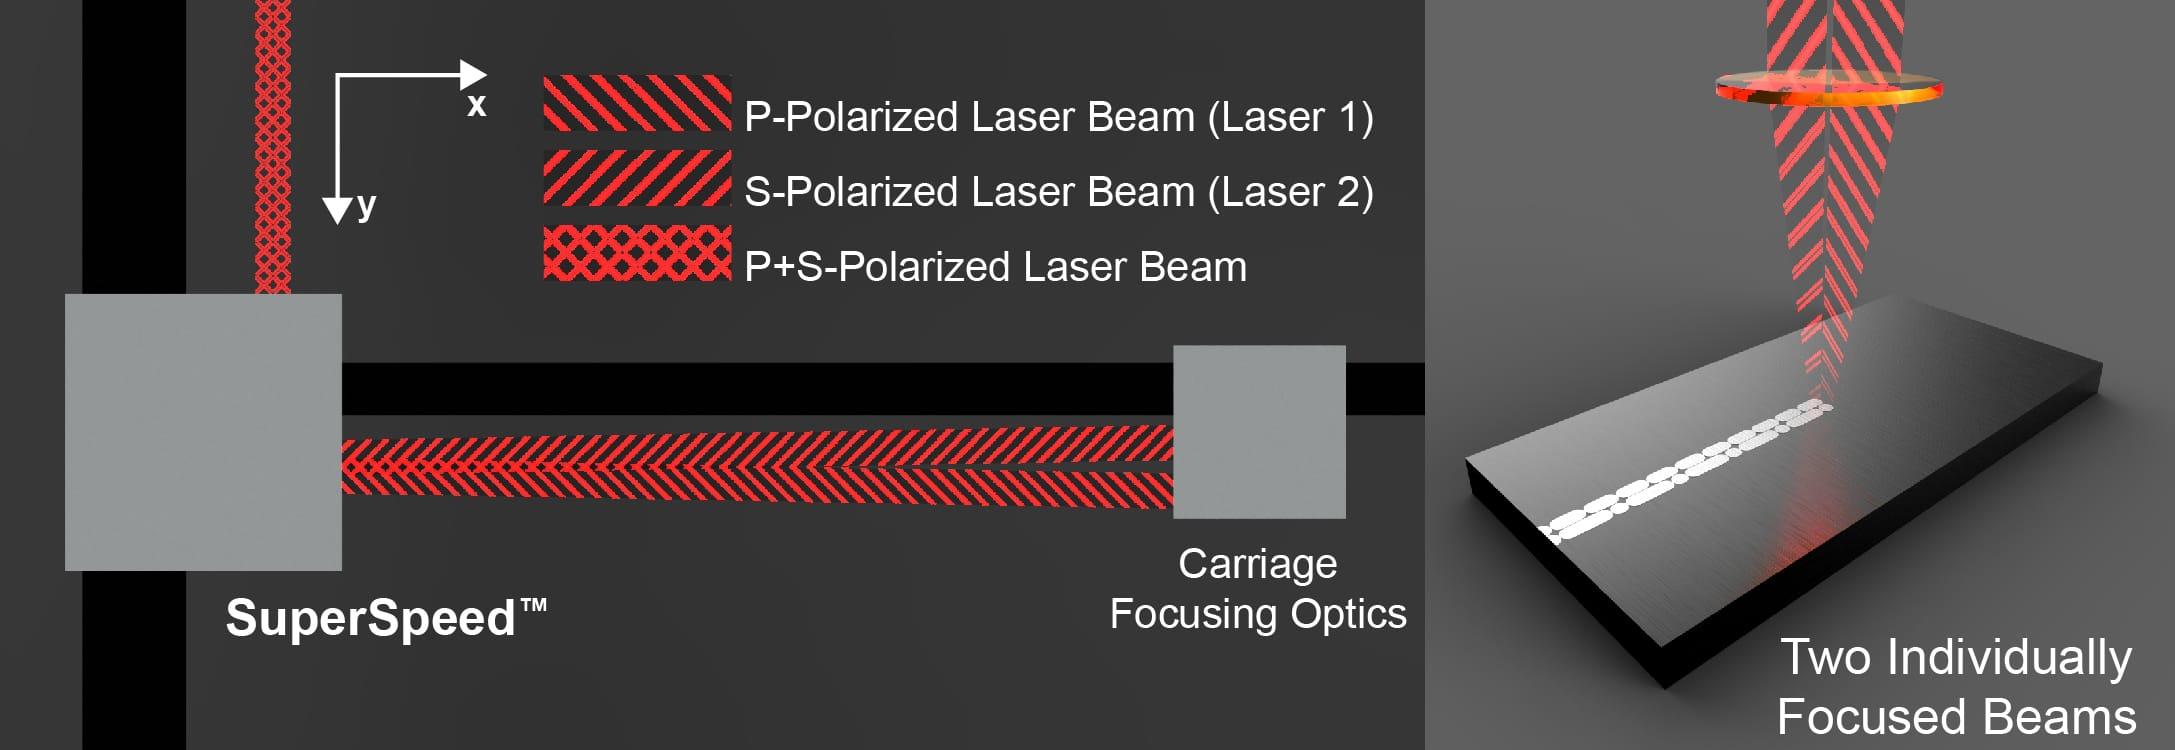 SuperSpeed avec deux faisceaux focalisés individuellement